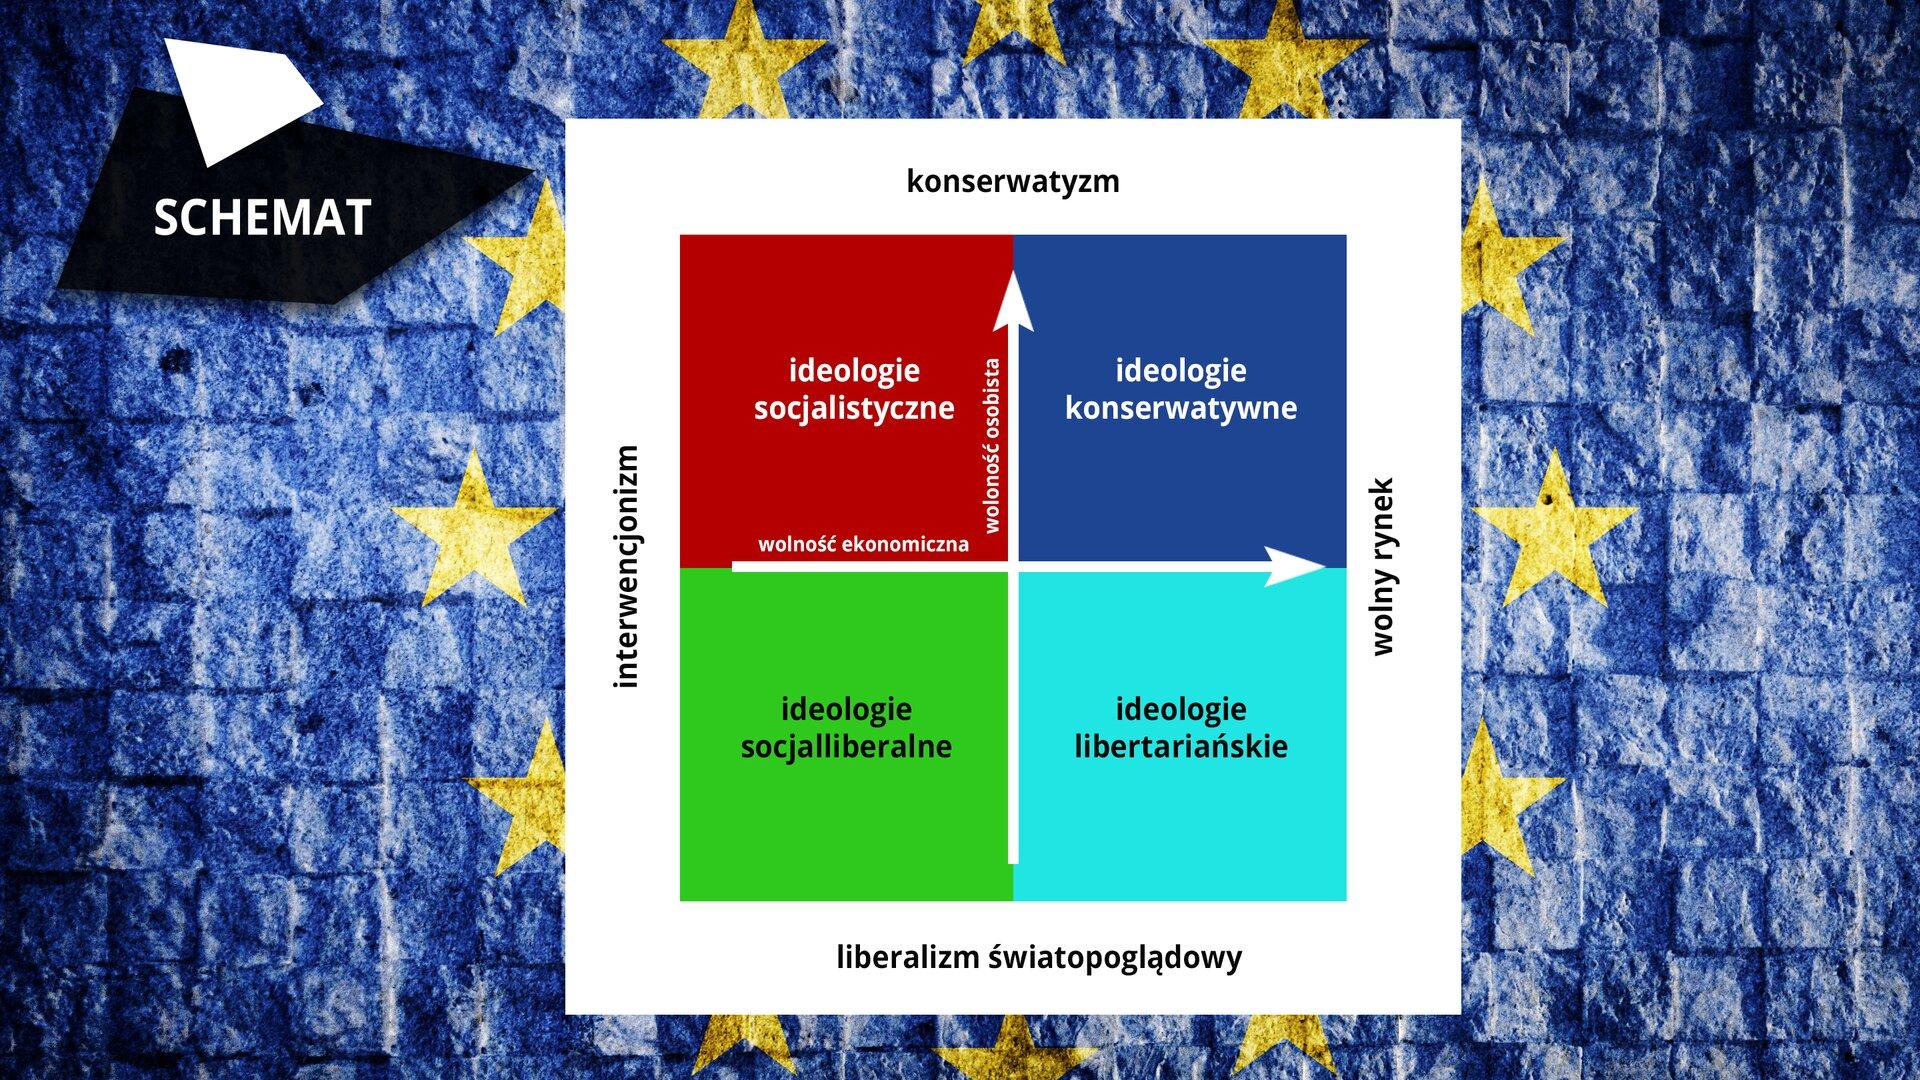 """Na ekranie wramce wyświetla się tło – flaga Unii Europejskiej, czyli krąg żółtych gwiazd na niebieskim tle. Po prawej stronie znajduje się czarny czworobok zbiałym napisem SCHEMAT. Na środku znajduje się ilustracja wbiałej szerokiej ramce. Wkwadracie na górnej belce na białym tle widnieje napis """"konserwatyzm"""", po prawej stronie """"wolny rynek"""", na dolnej belce """"liberalizm światopoglądowy"""", na lewej belce """"interwencjonizm"""". Przez środek kwadratu biegną dwie strzałki – jedna wgórę znapisem """"wolność osobista"""", druga wprawą stronę znapisem """"wolność ekonomiczna"""". Strzałki rozdzielają duży kwadrat na cztery mniejsze kwadraty. Pierwszy mały kwadrat na czerwonym tle ma umieszczony po środku napis """"ideologie socjalistyczne"""", drugi górny kwadrat na niebieskim tle ma biały napis """"ideologie konserwatywne"""". Na dolnym lewym małym kwadracie na zielonym tle znajduje się napis """"ideologie socjalliberalne"""". Dolny prawy kwadrat na jasnoniebieskim tle ma umieszczony napis """"ideologie libertariańskie""""."""